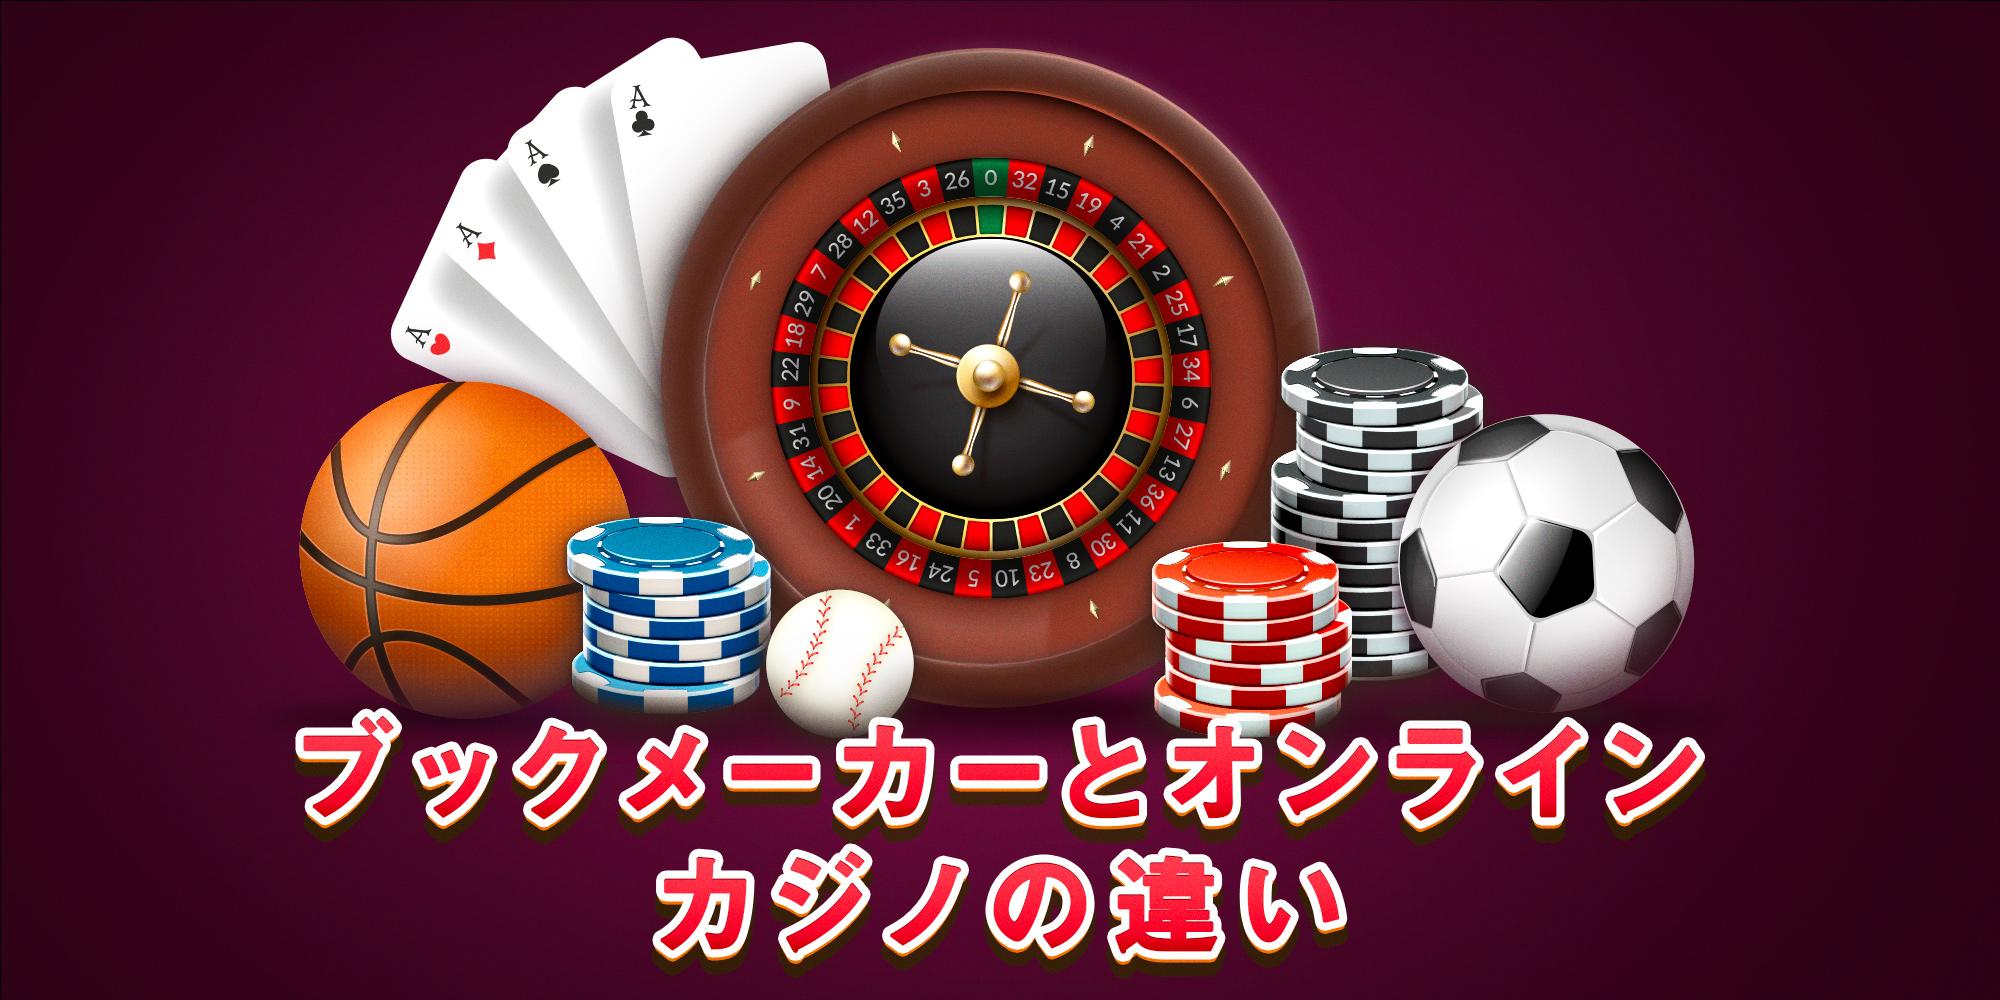 スポーツベット オンラインカジノ